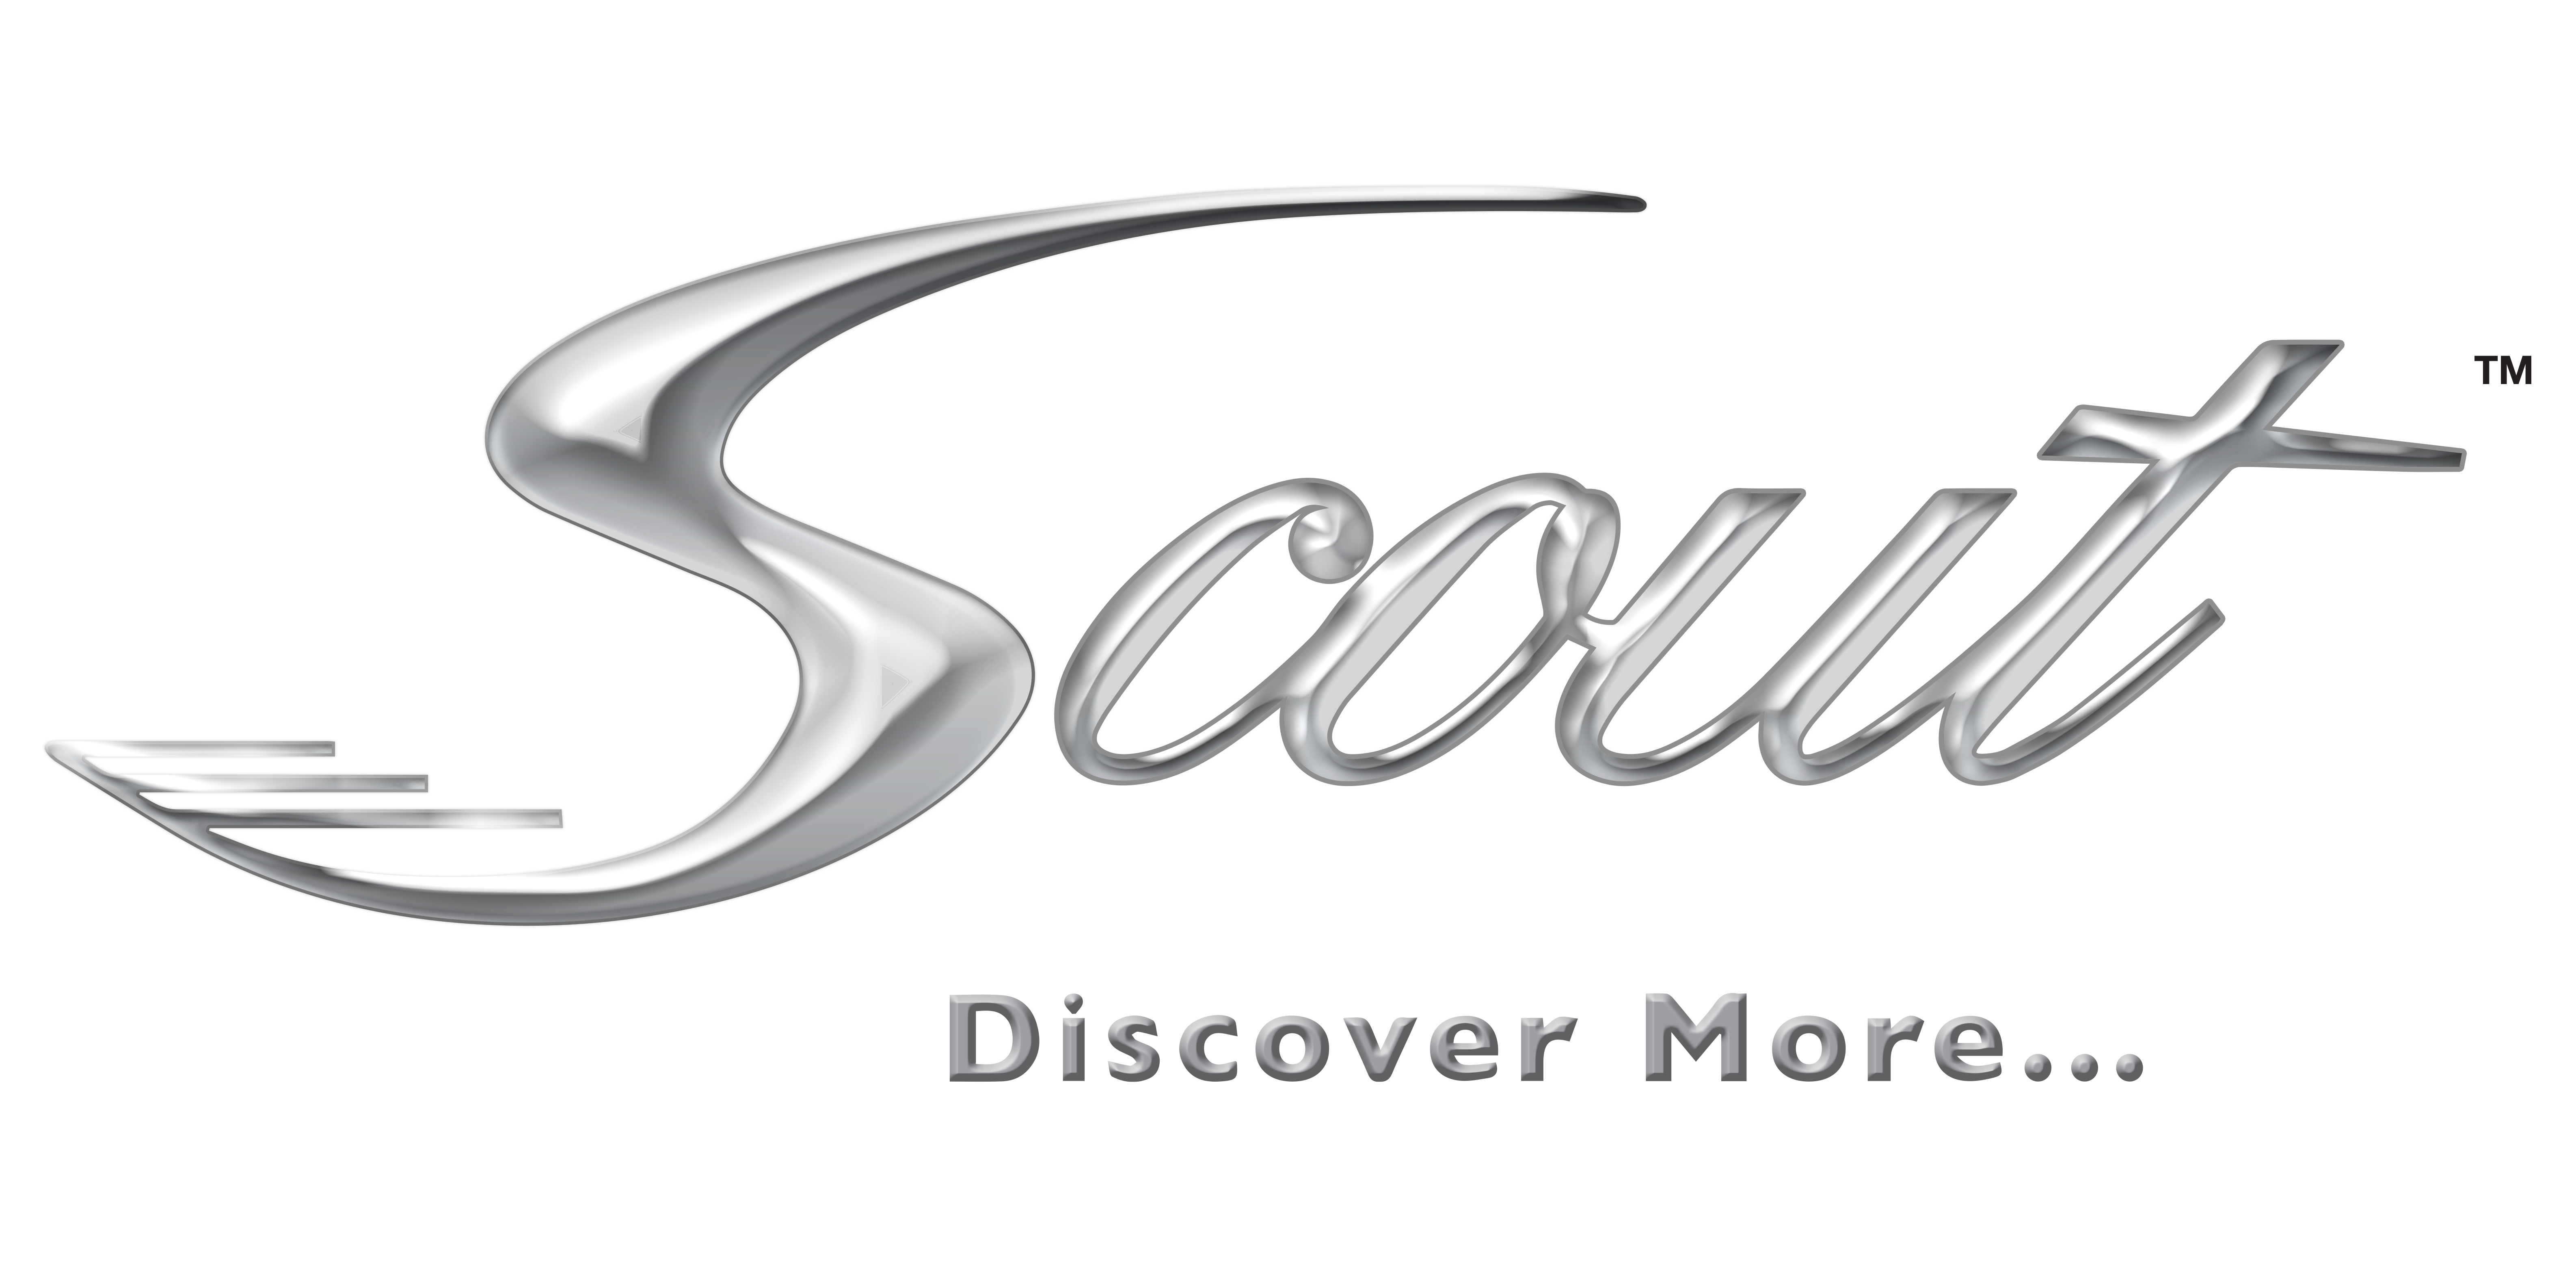 Scout logo